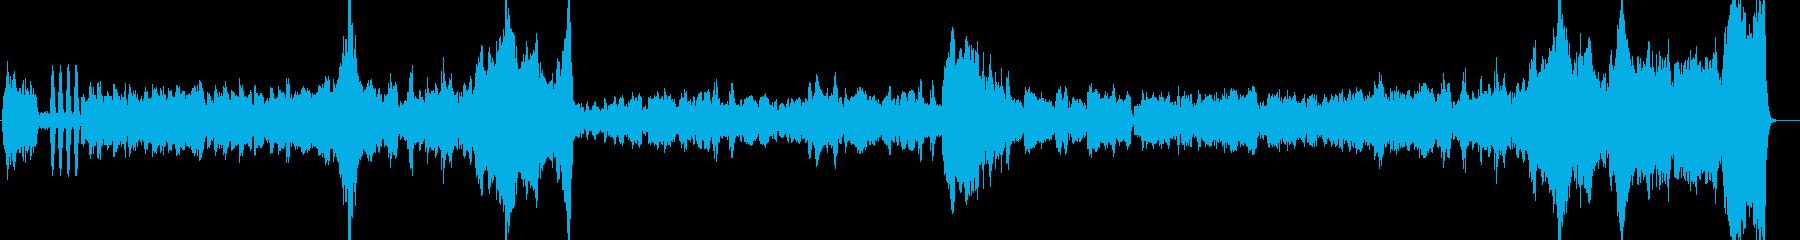 チェロをメインにした悲しい管弦楽の再生済みの波形